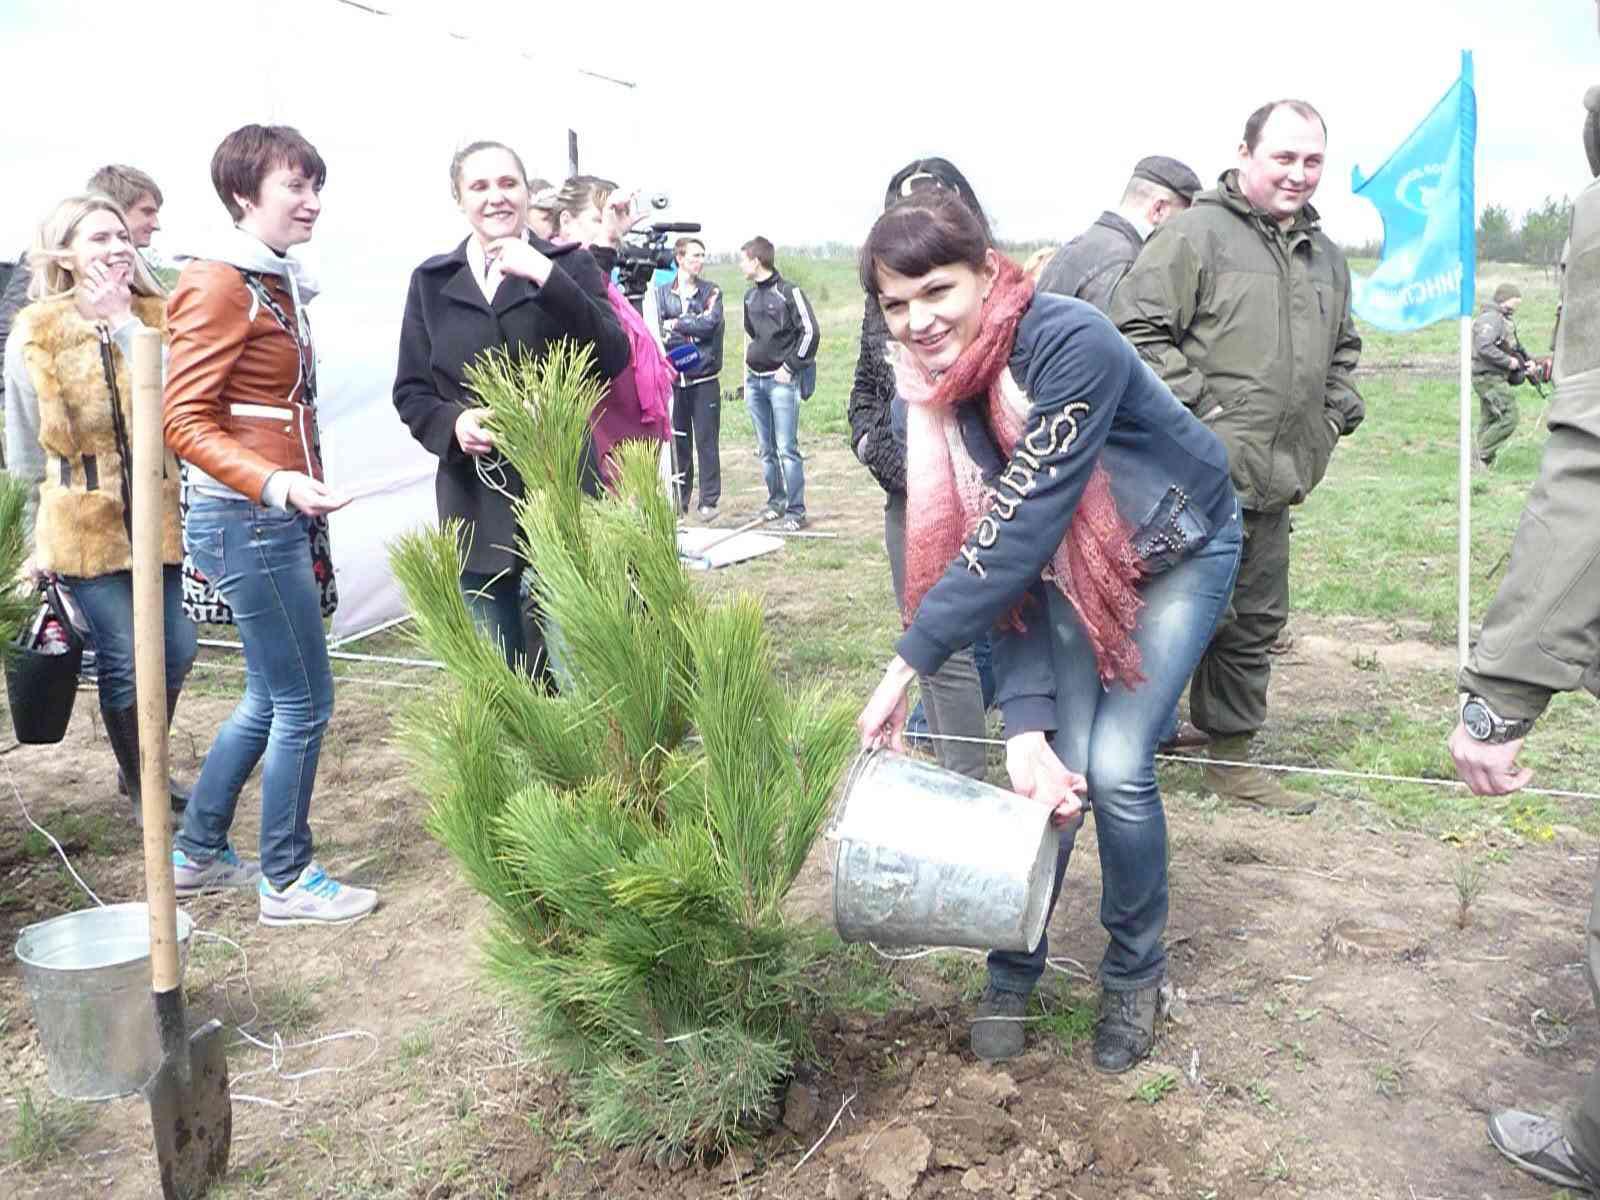 Сосновый бор в виде надписи «ДНР» высажен на месте леса, сожженного ВСУ 9011